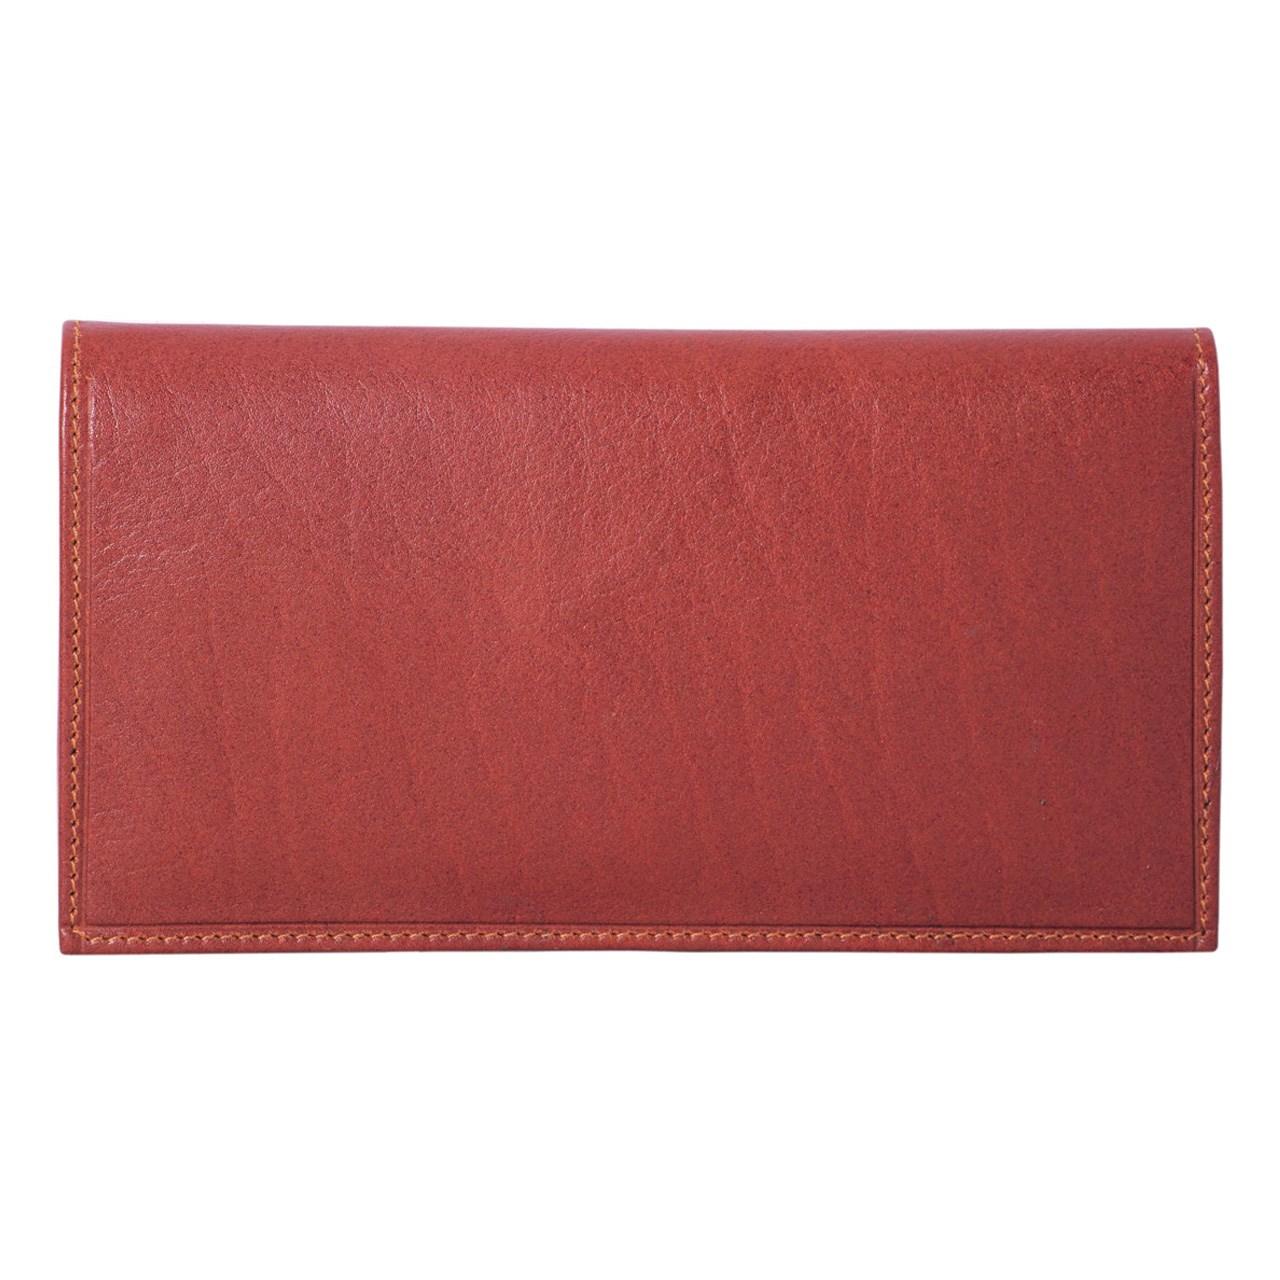 قیمت کیف پول  چرم طبیعی آدین چرم مدل DM5.1